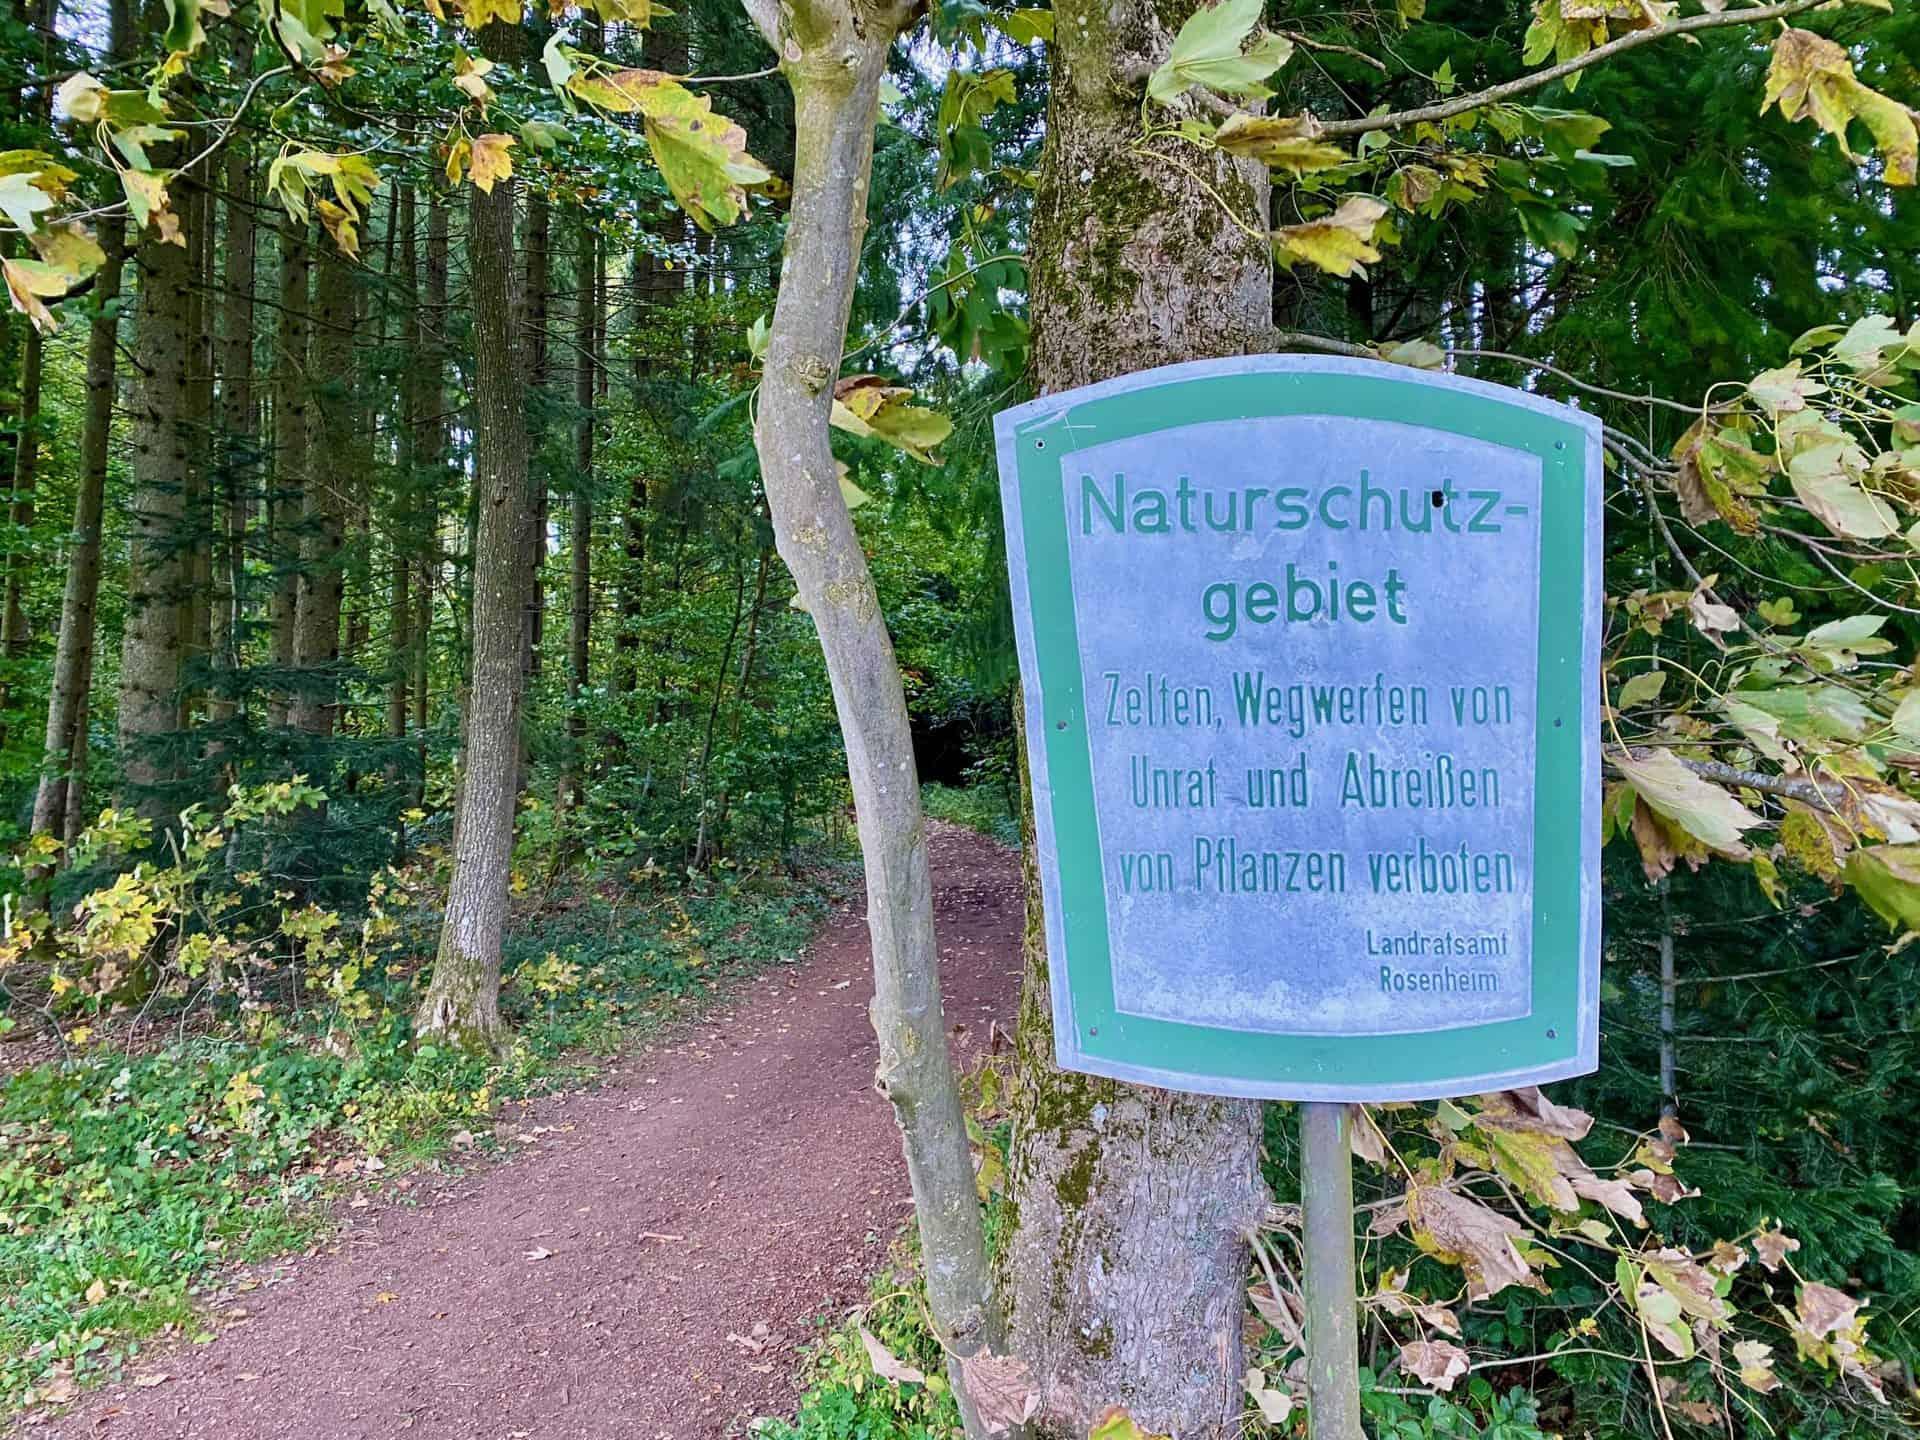 Schild_Naturschutzgebiet_Rosenhein_Land